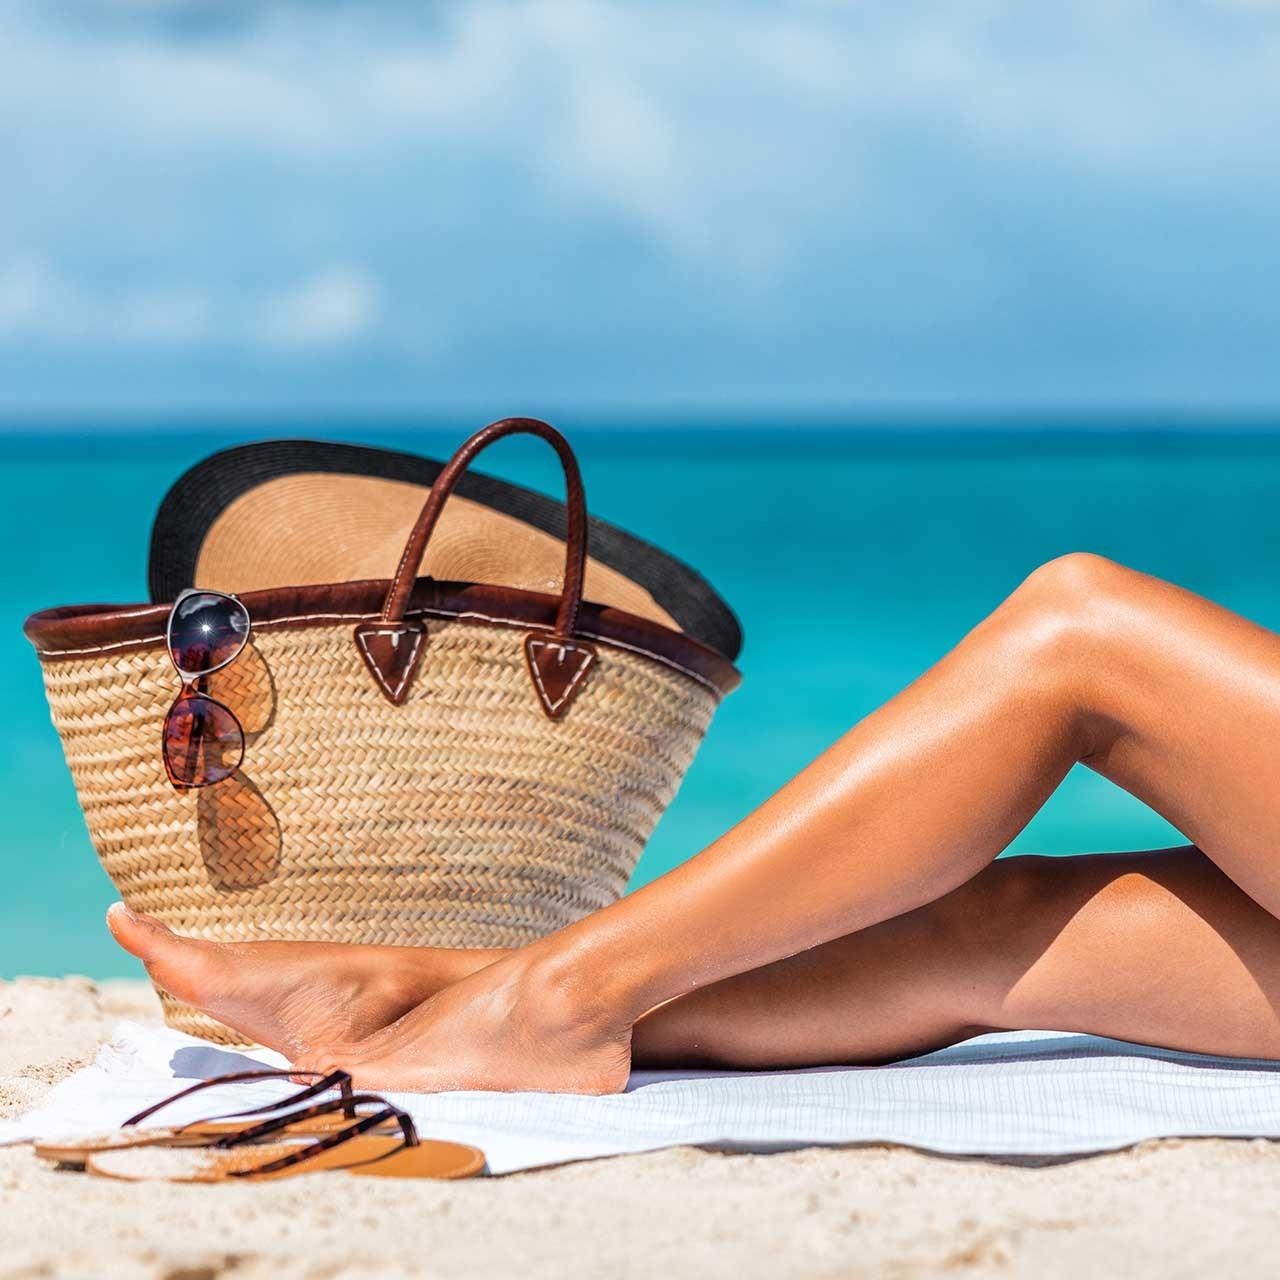 夏休みに旅行するアラフォー女性の約3割が海外へ。40代女性の夏休み事情_1_1